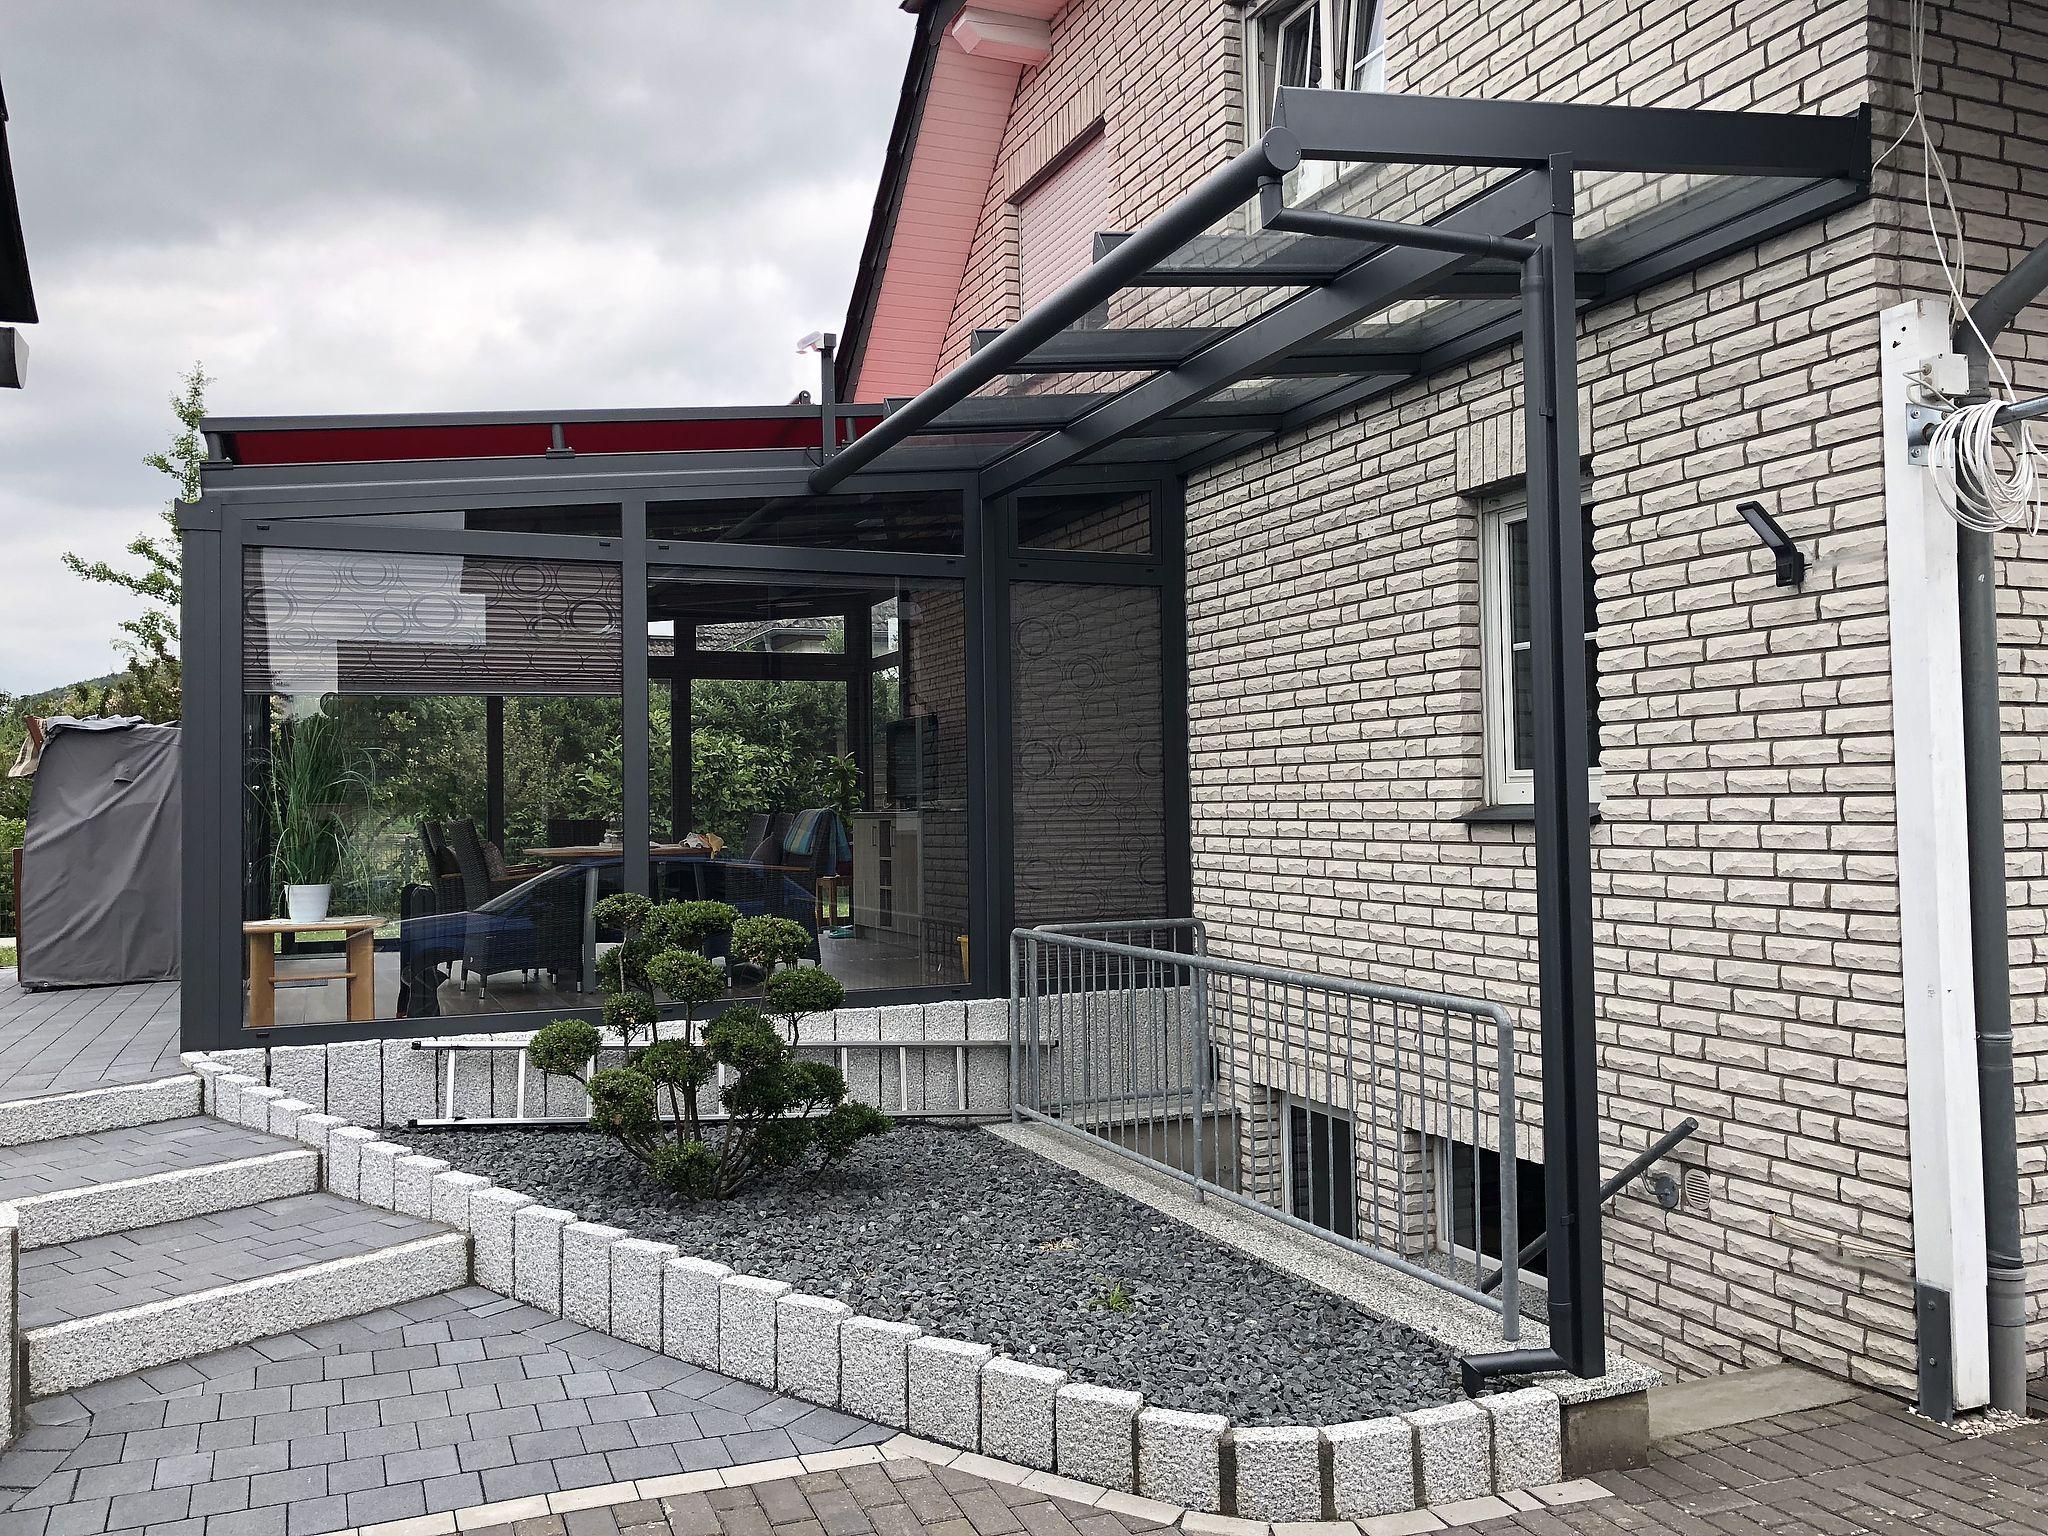 Kusche, Bad Oeynhausen